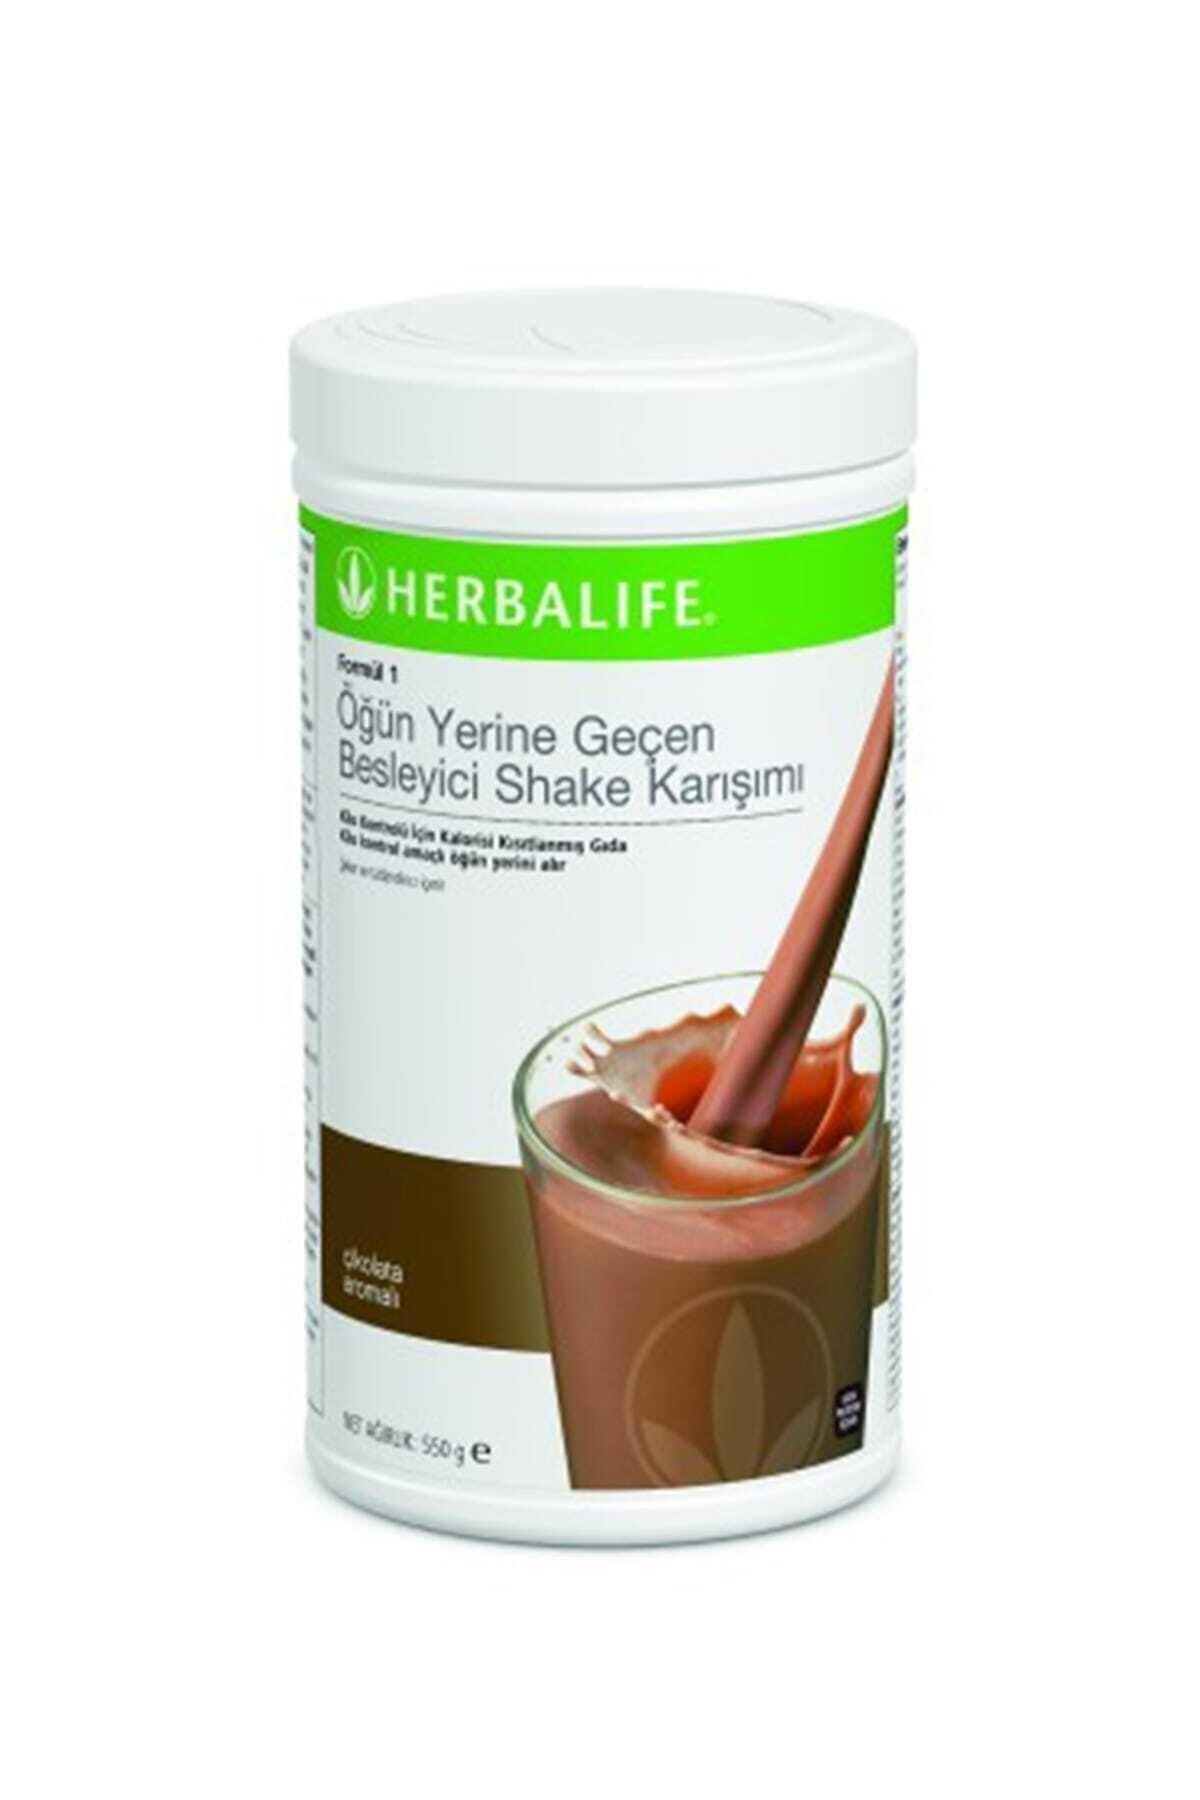 Herbalife Formül 1 Öğün Yerine Geçen Besleyici Çikolatalı Shake Karışımı 1